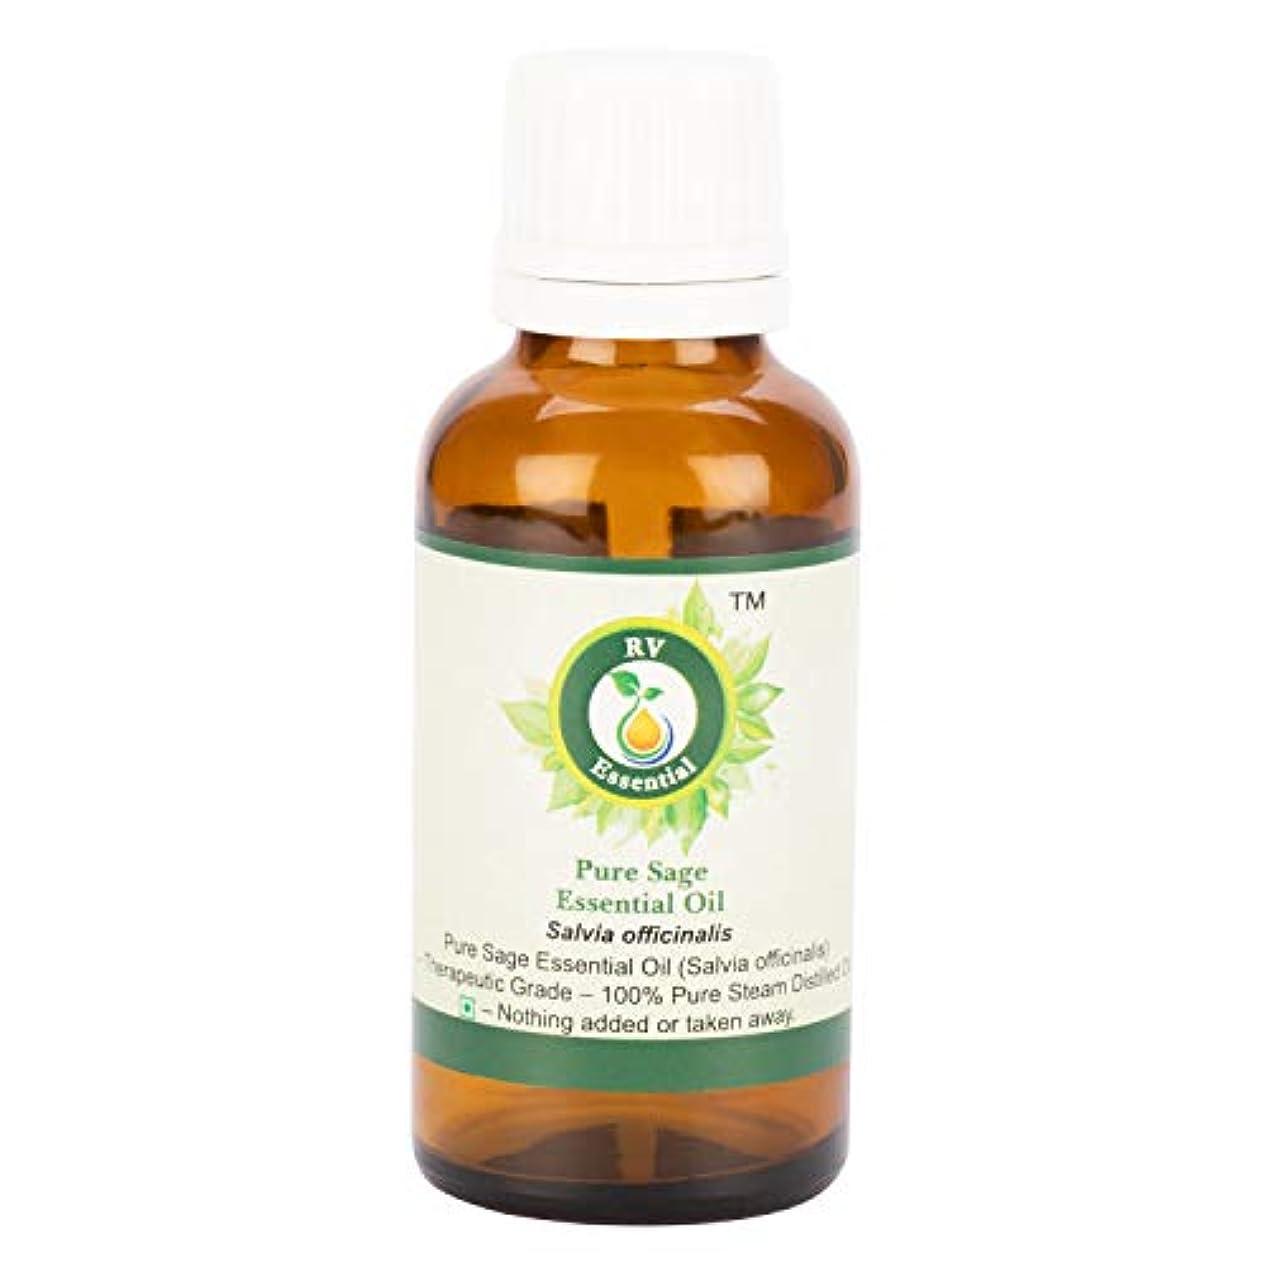 上にリサイクルする会社ピュアセージエッセンシャルオイル100ml (3.38oz)- Salvia Officinalis (100%純粋&天然スチームDistilled) Pure Sage Essential Oil